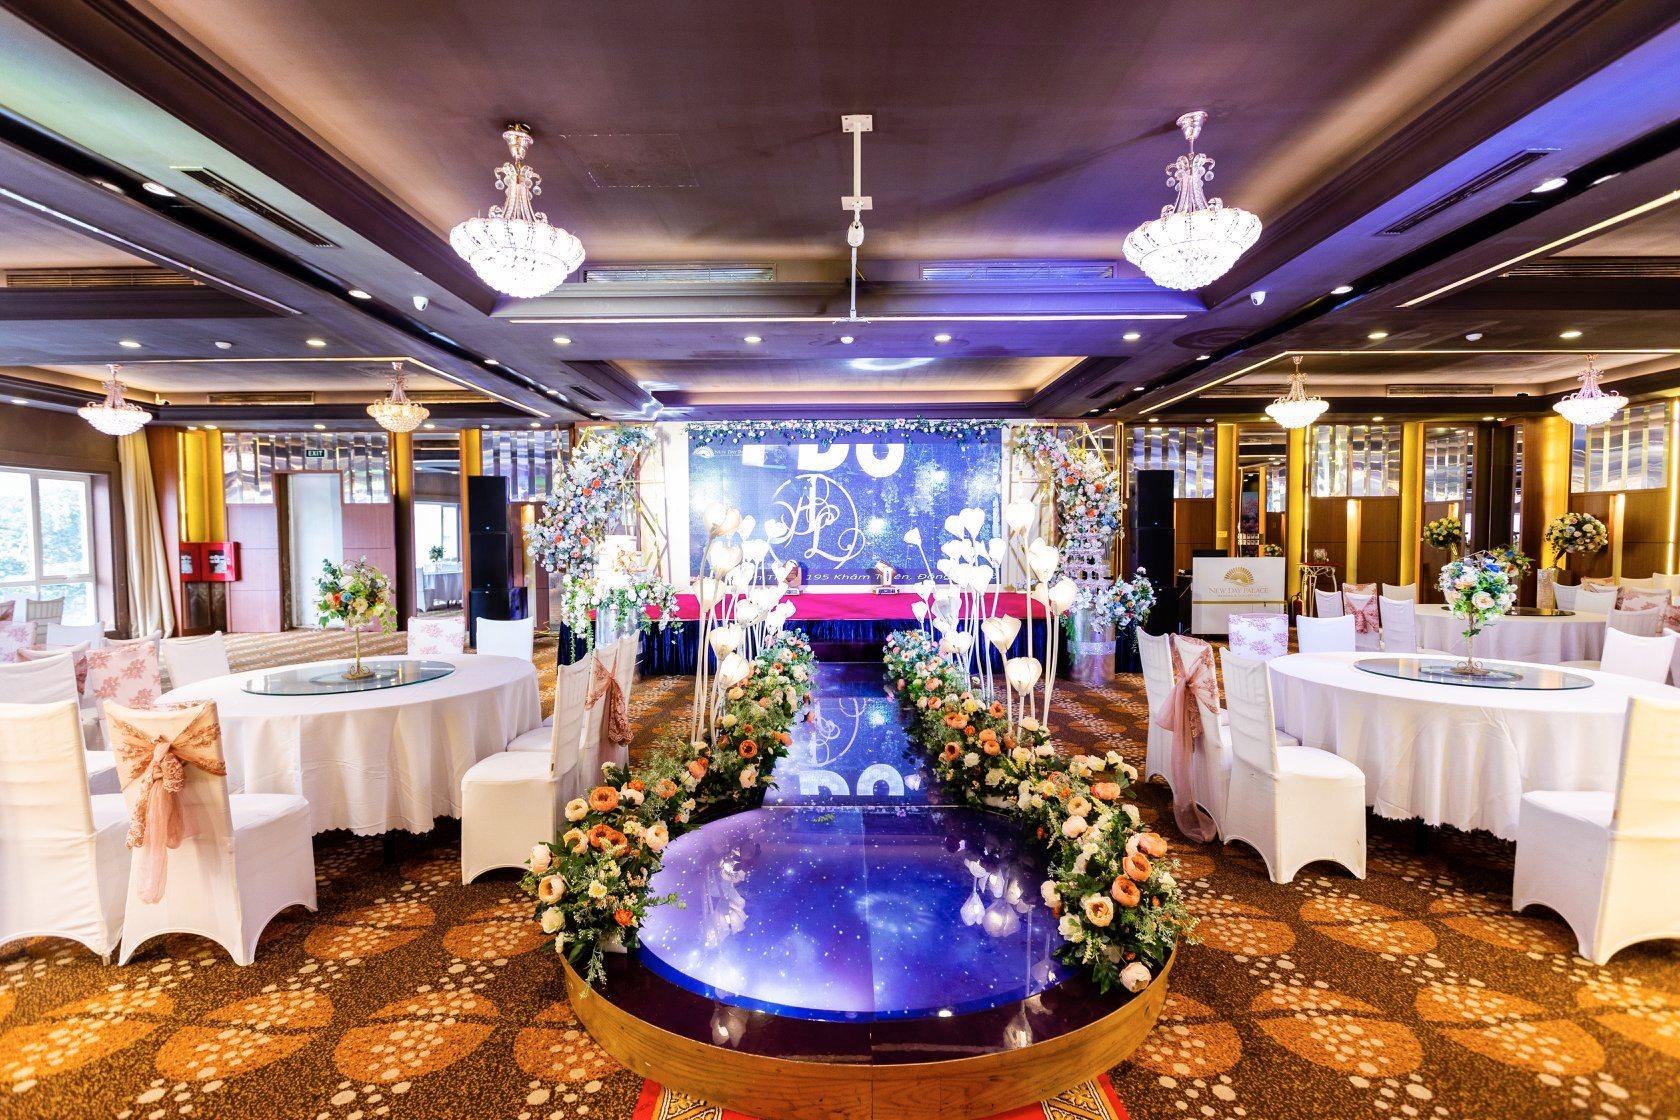 Trung tâm Tiệc Cưới và Sự Kiện New Day Palace Marry